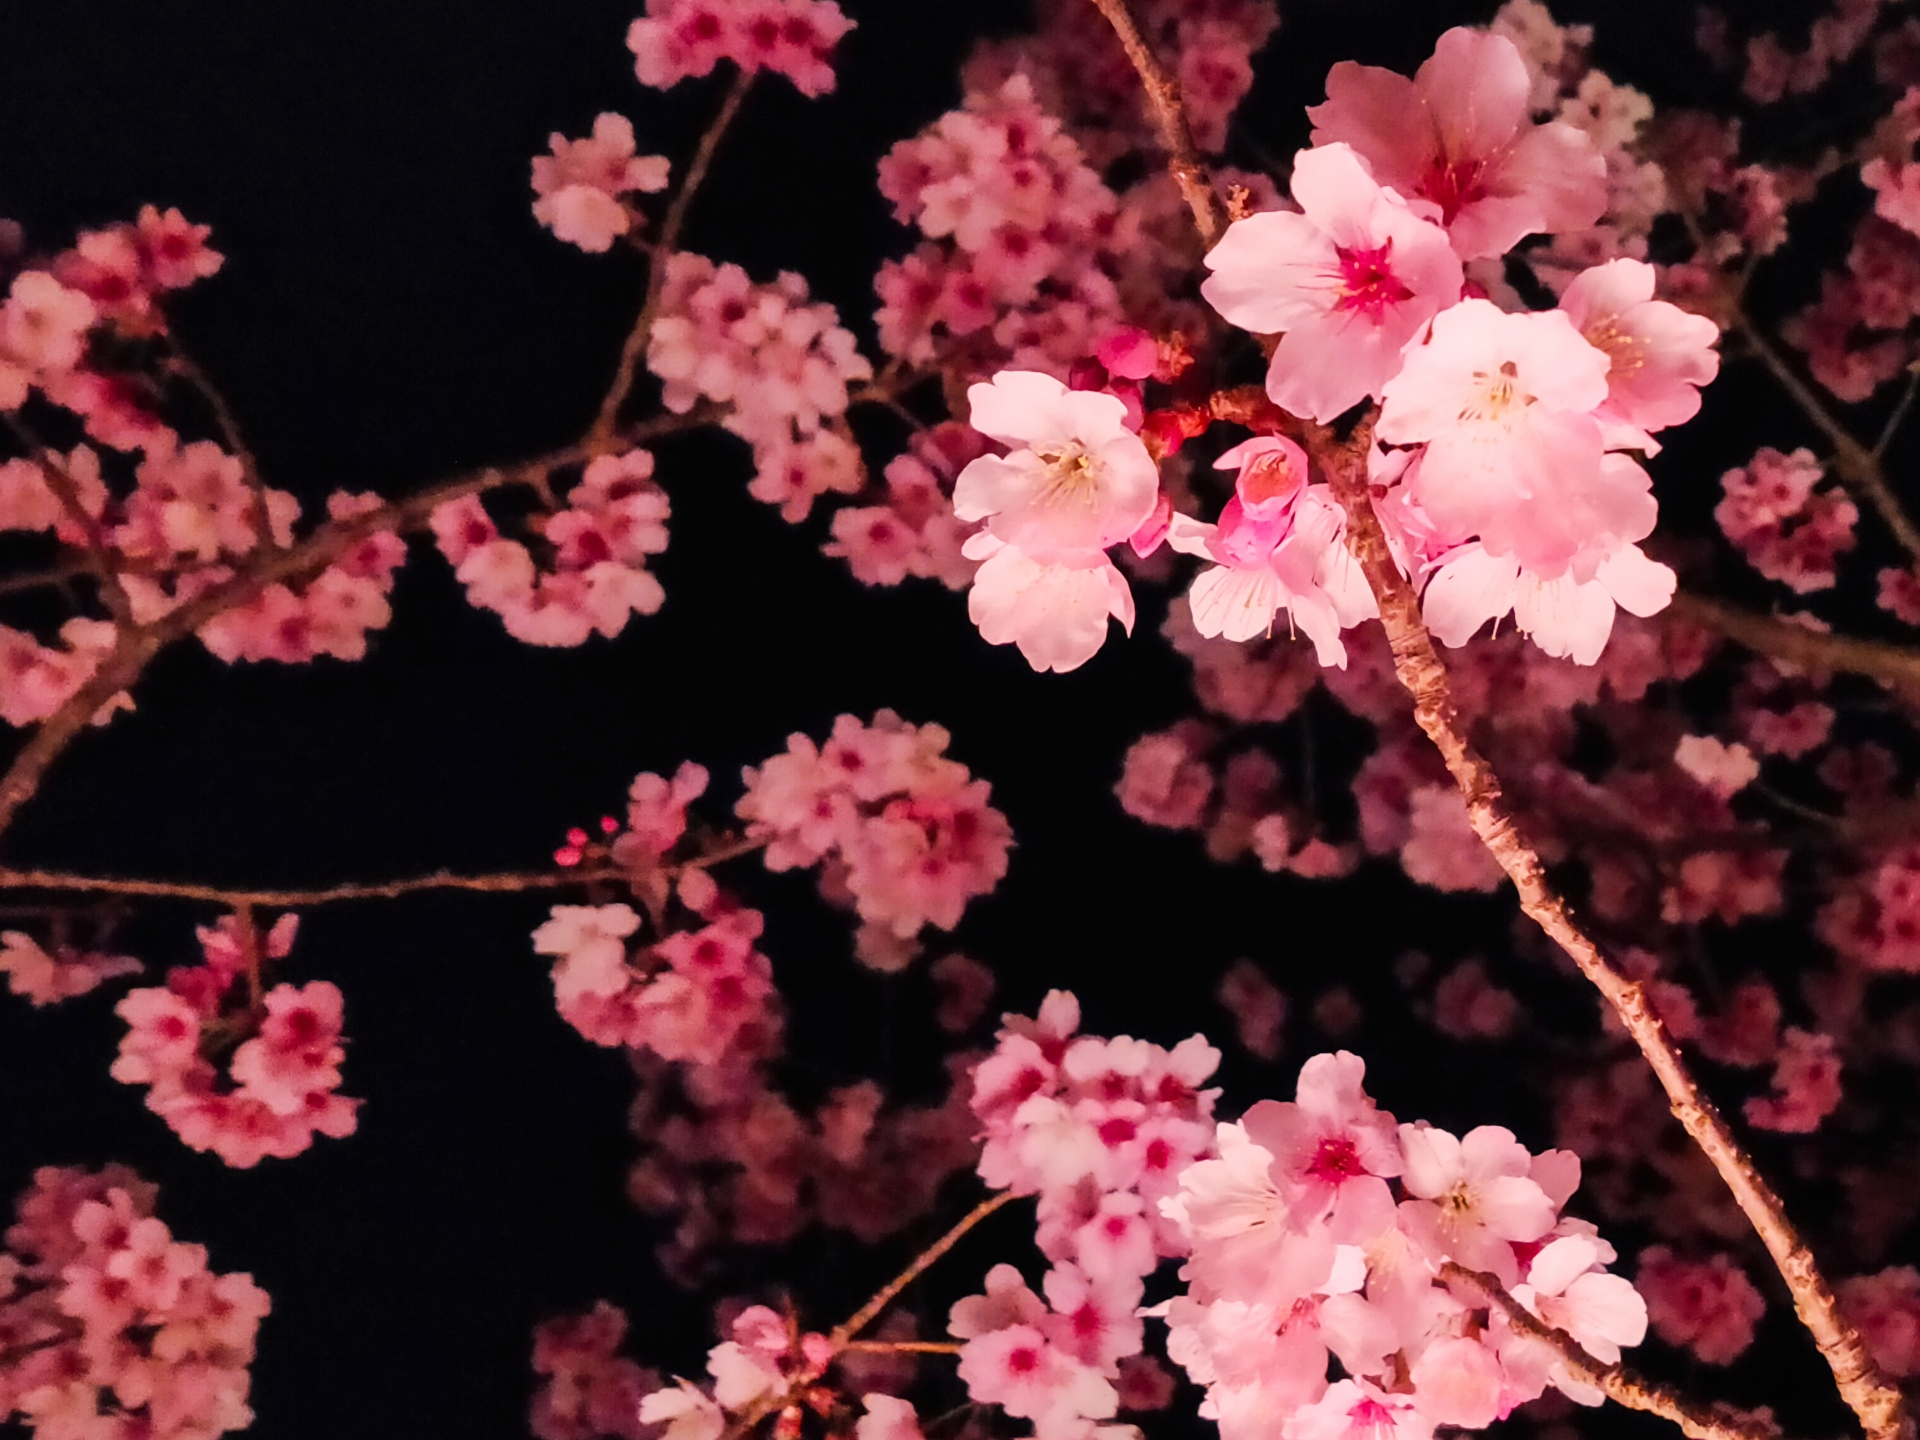 記事 「ありがとう」「おめでとう」心を込めて門出の祝い 夜桜ディナー&厳選食材「神戸牛」のアイキャッチ画像